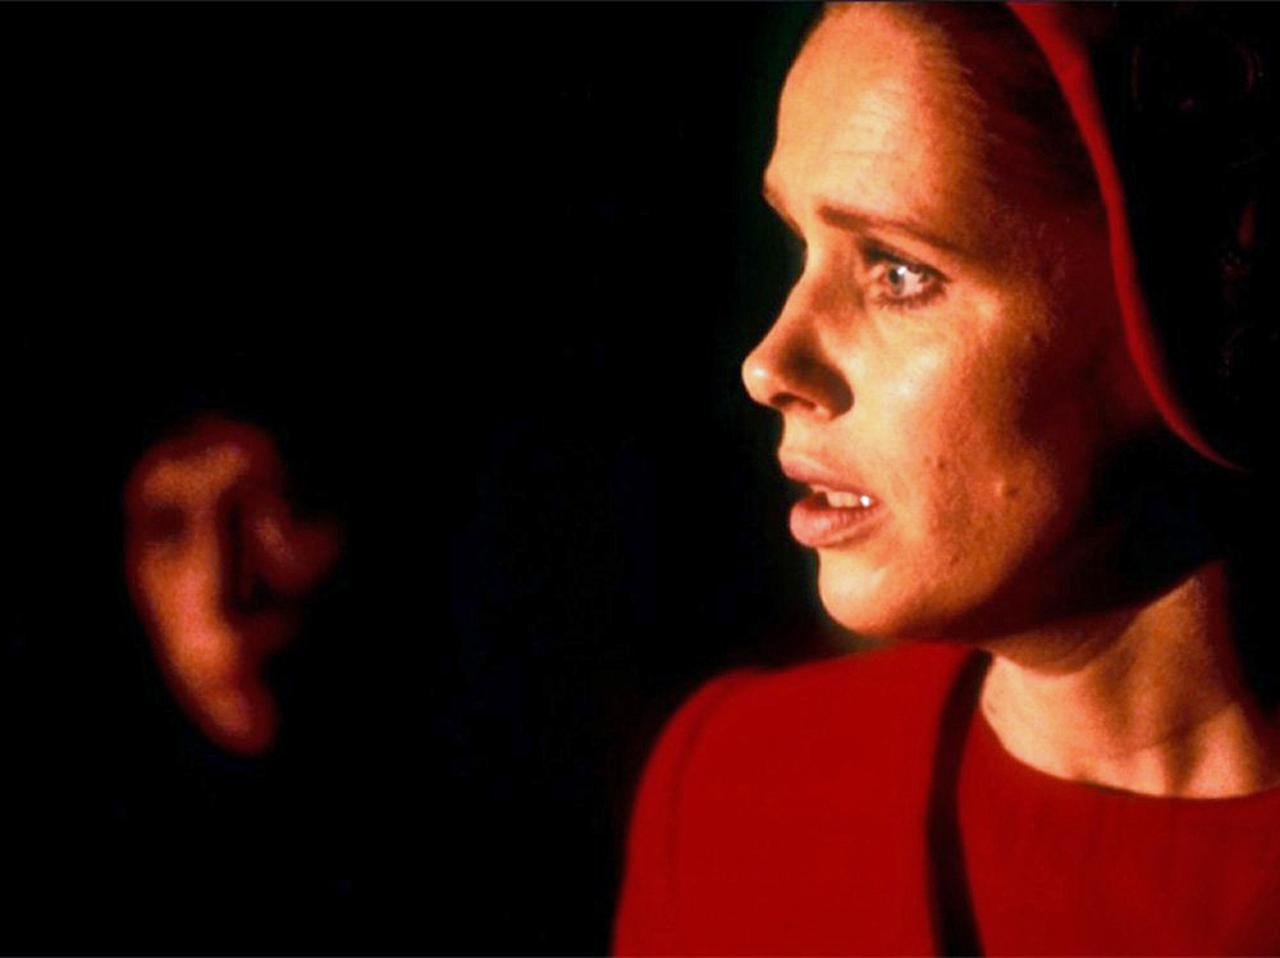 画像: 『鏡の中の女』© 1972 AB Svensk Filmindustri